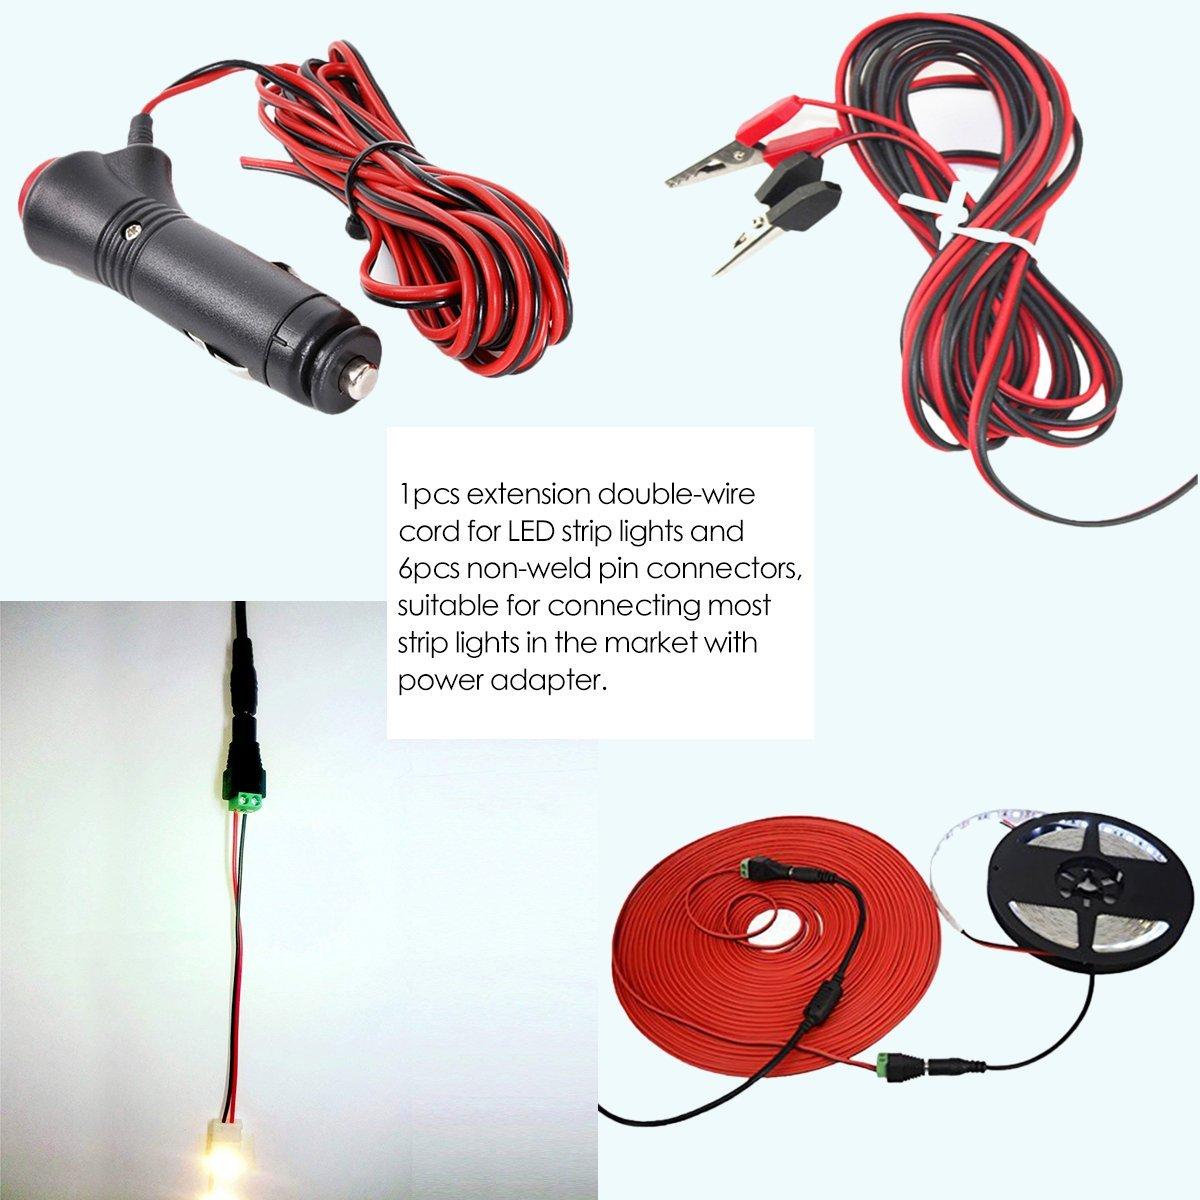 LegendTech 20m 2 Pin Tira de LED Cable de Extensión LED Strip Conector del Cable de Conexión de LED con 6 Piezas Sin Soldadura Conectores de Pines DC para ...